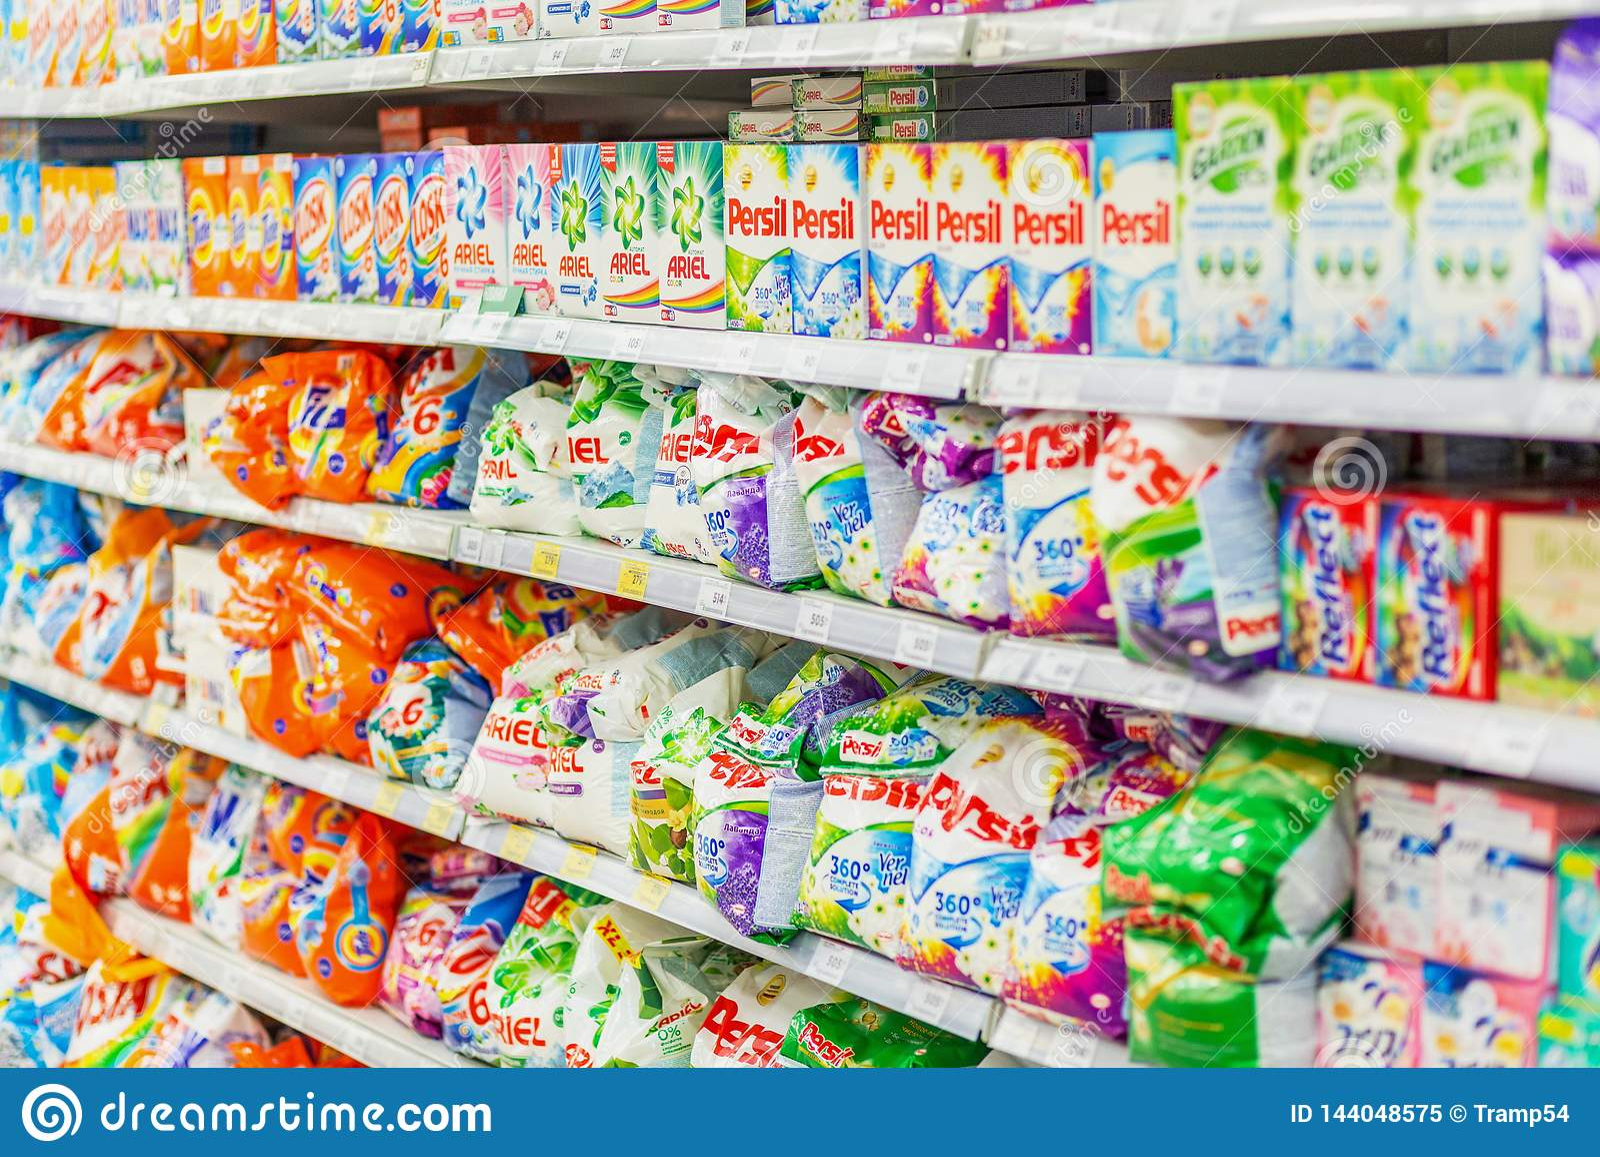 Samara, Styczeń 2019: wielki wybór detergenty na supermarkecie odkłada